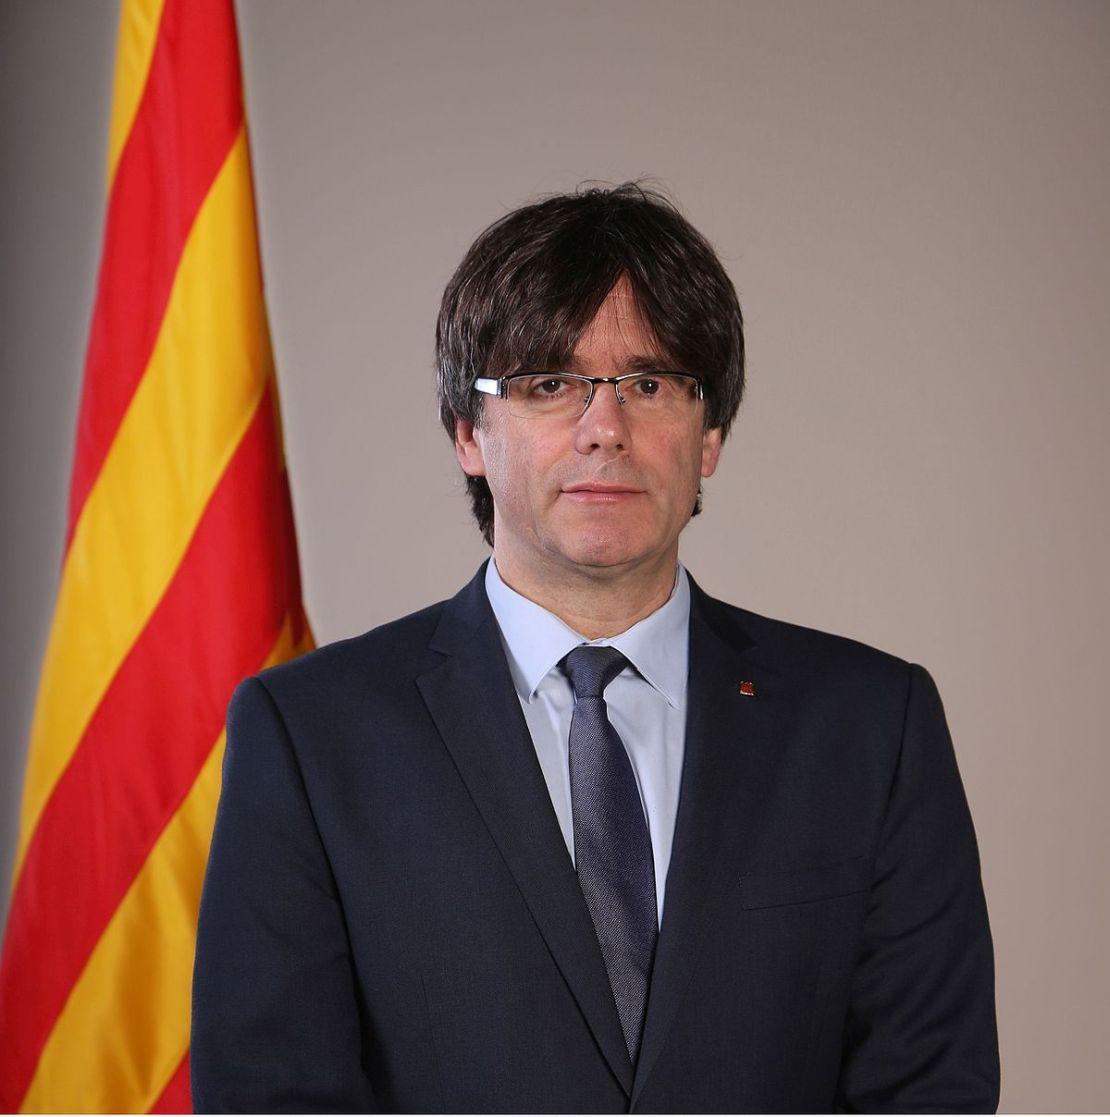 Carles Puigdemont ile ilgili görsel sonucu